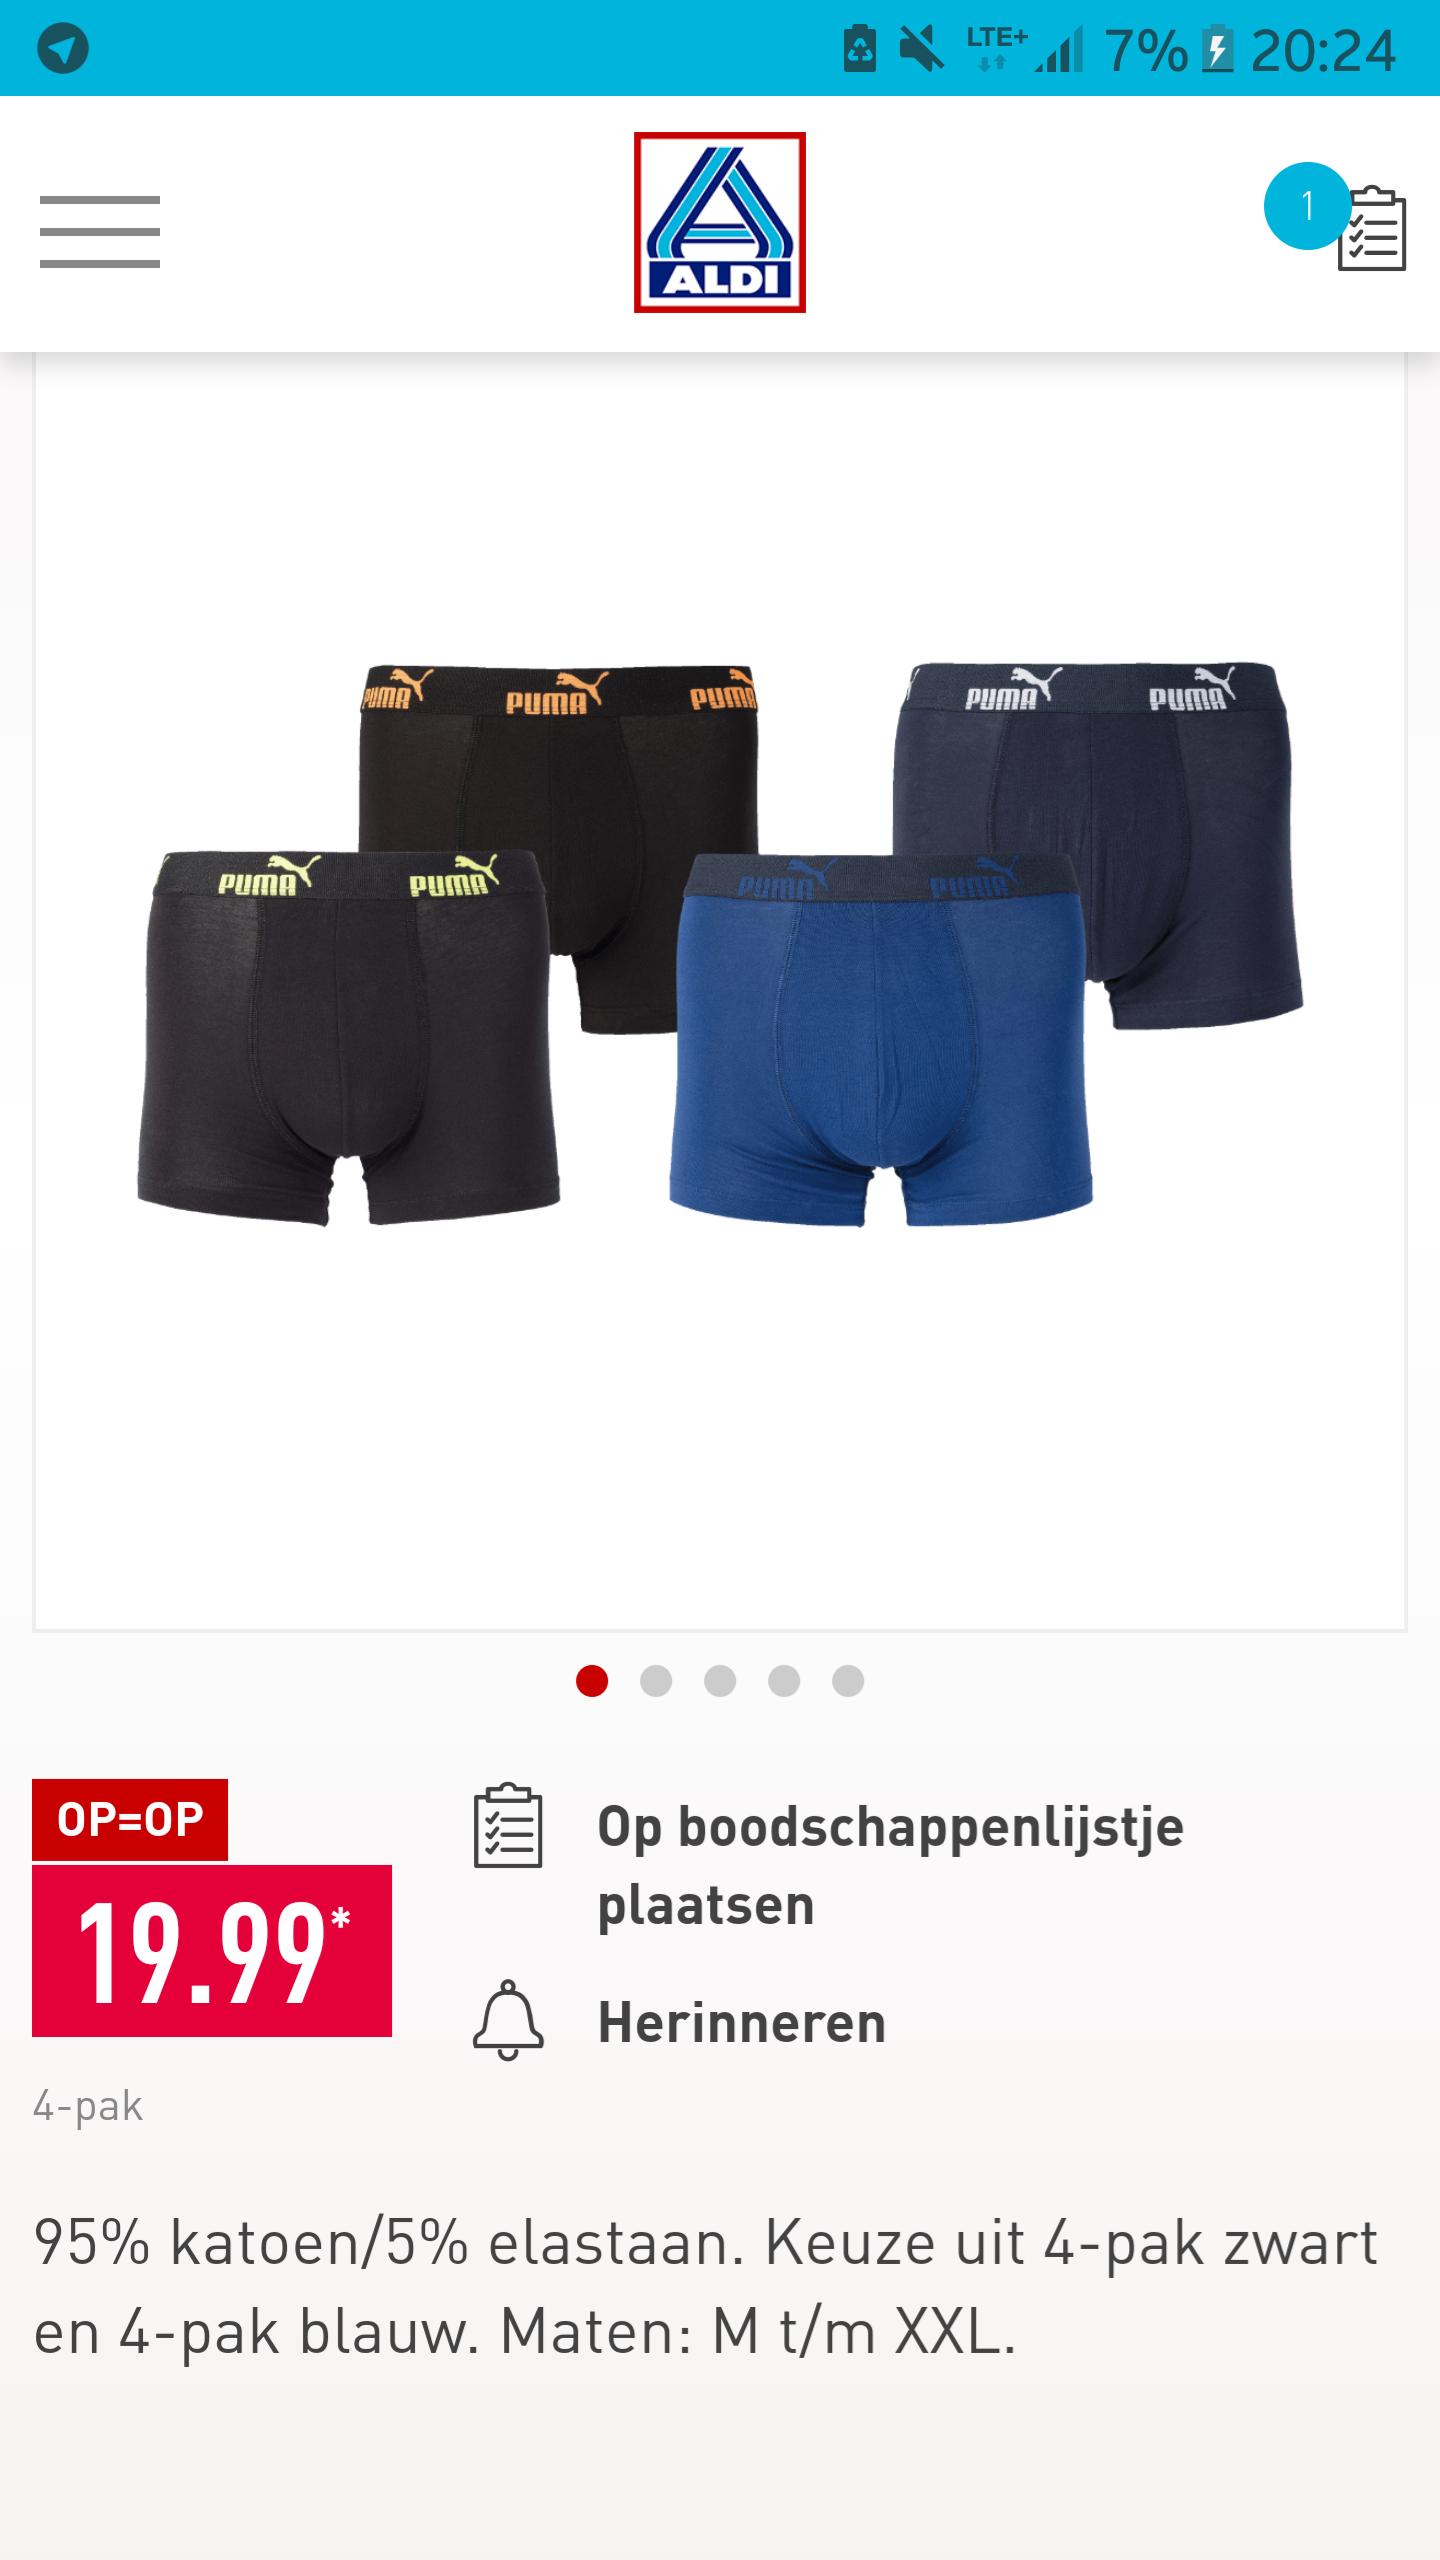 Puma boxers 4-pack voor €19.99 @ aldi